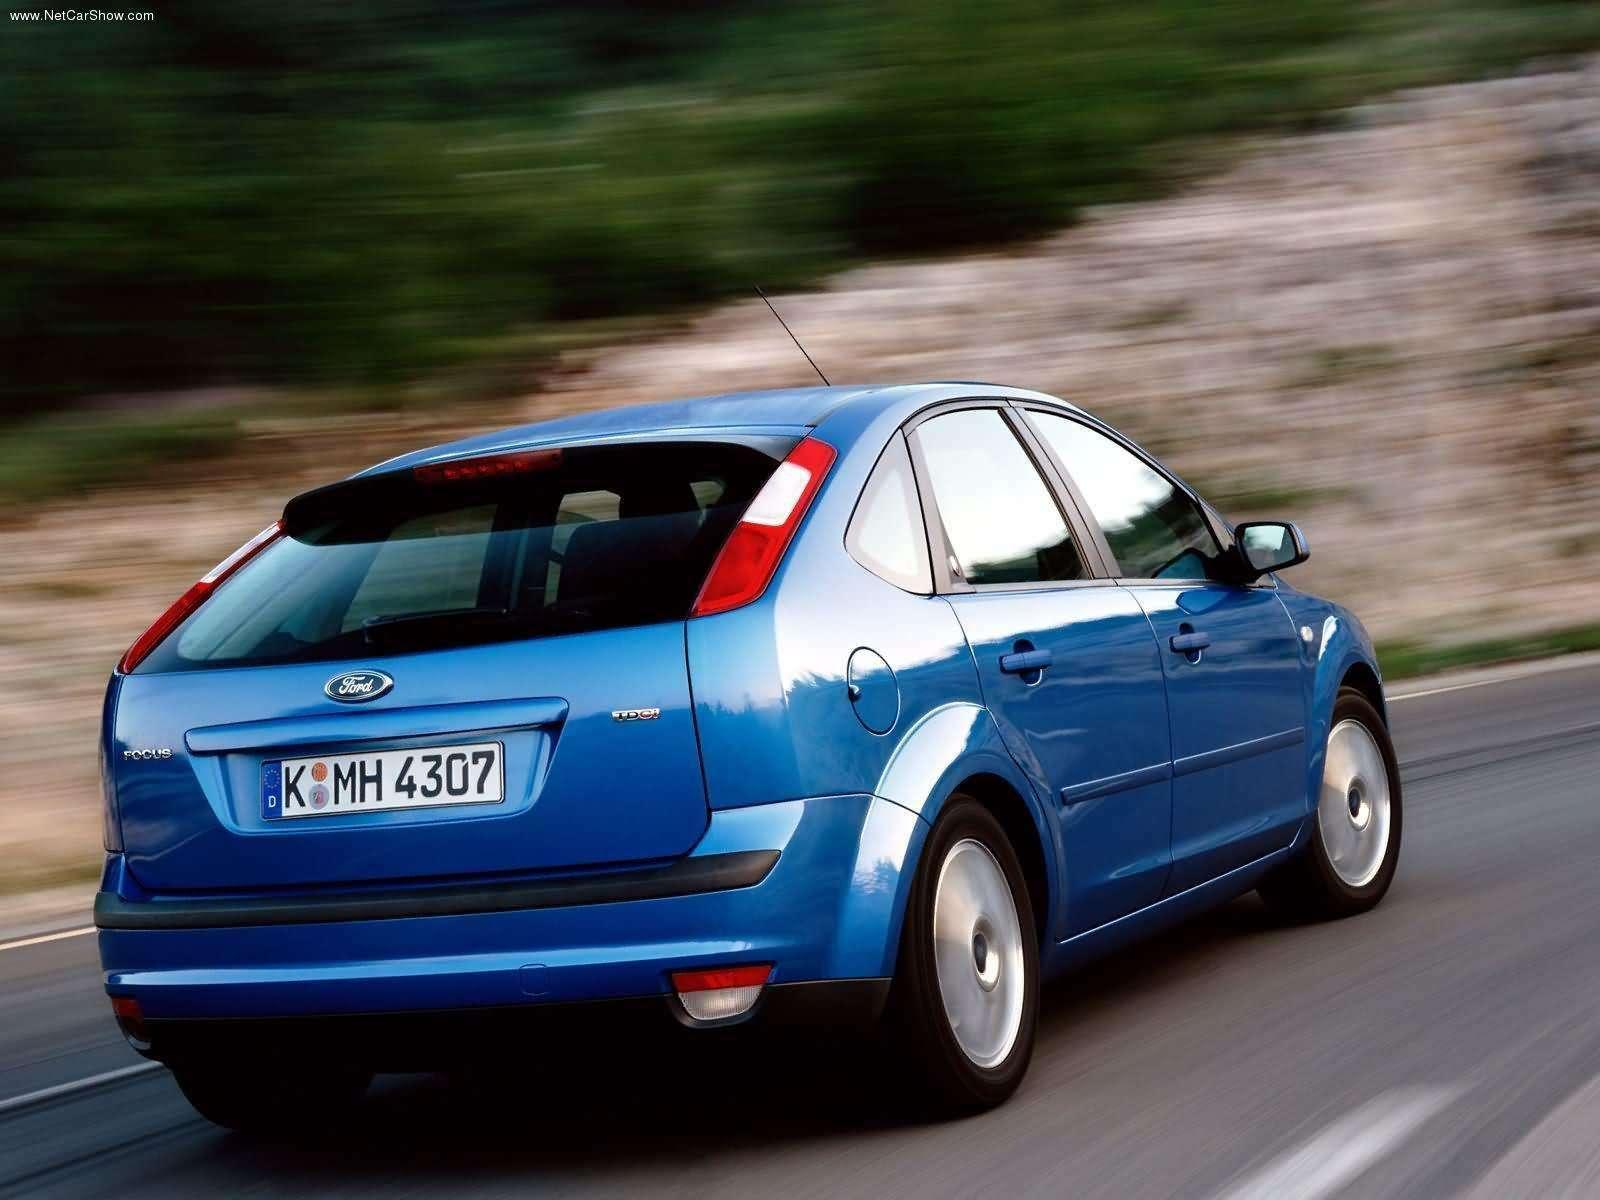 Ford-Focus_TDCi_5door_European_Version_2004_1600x1200_wallpaper_0d